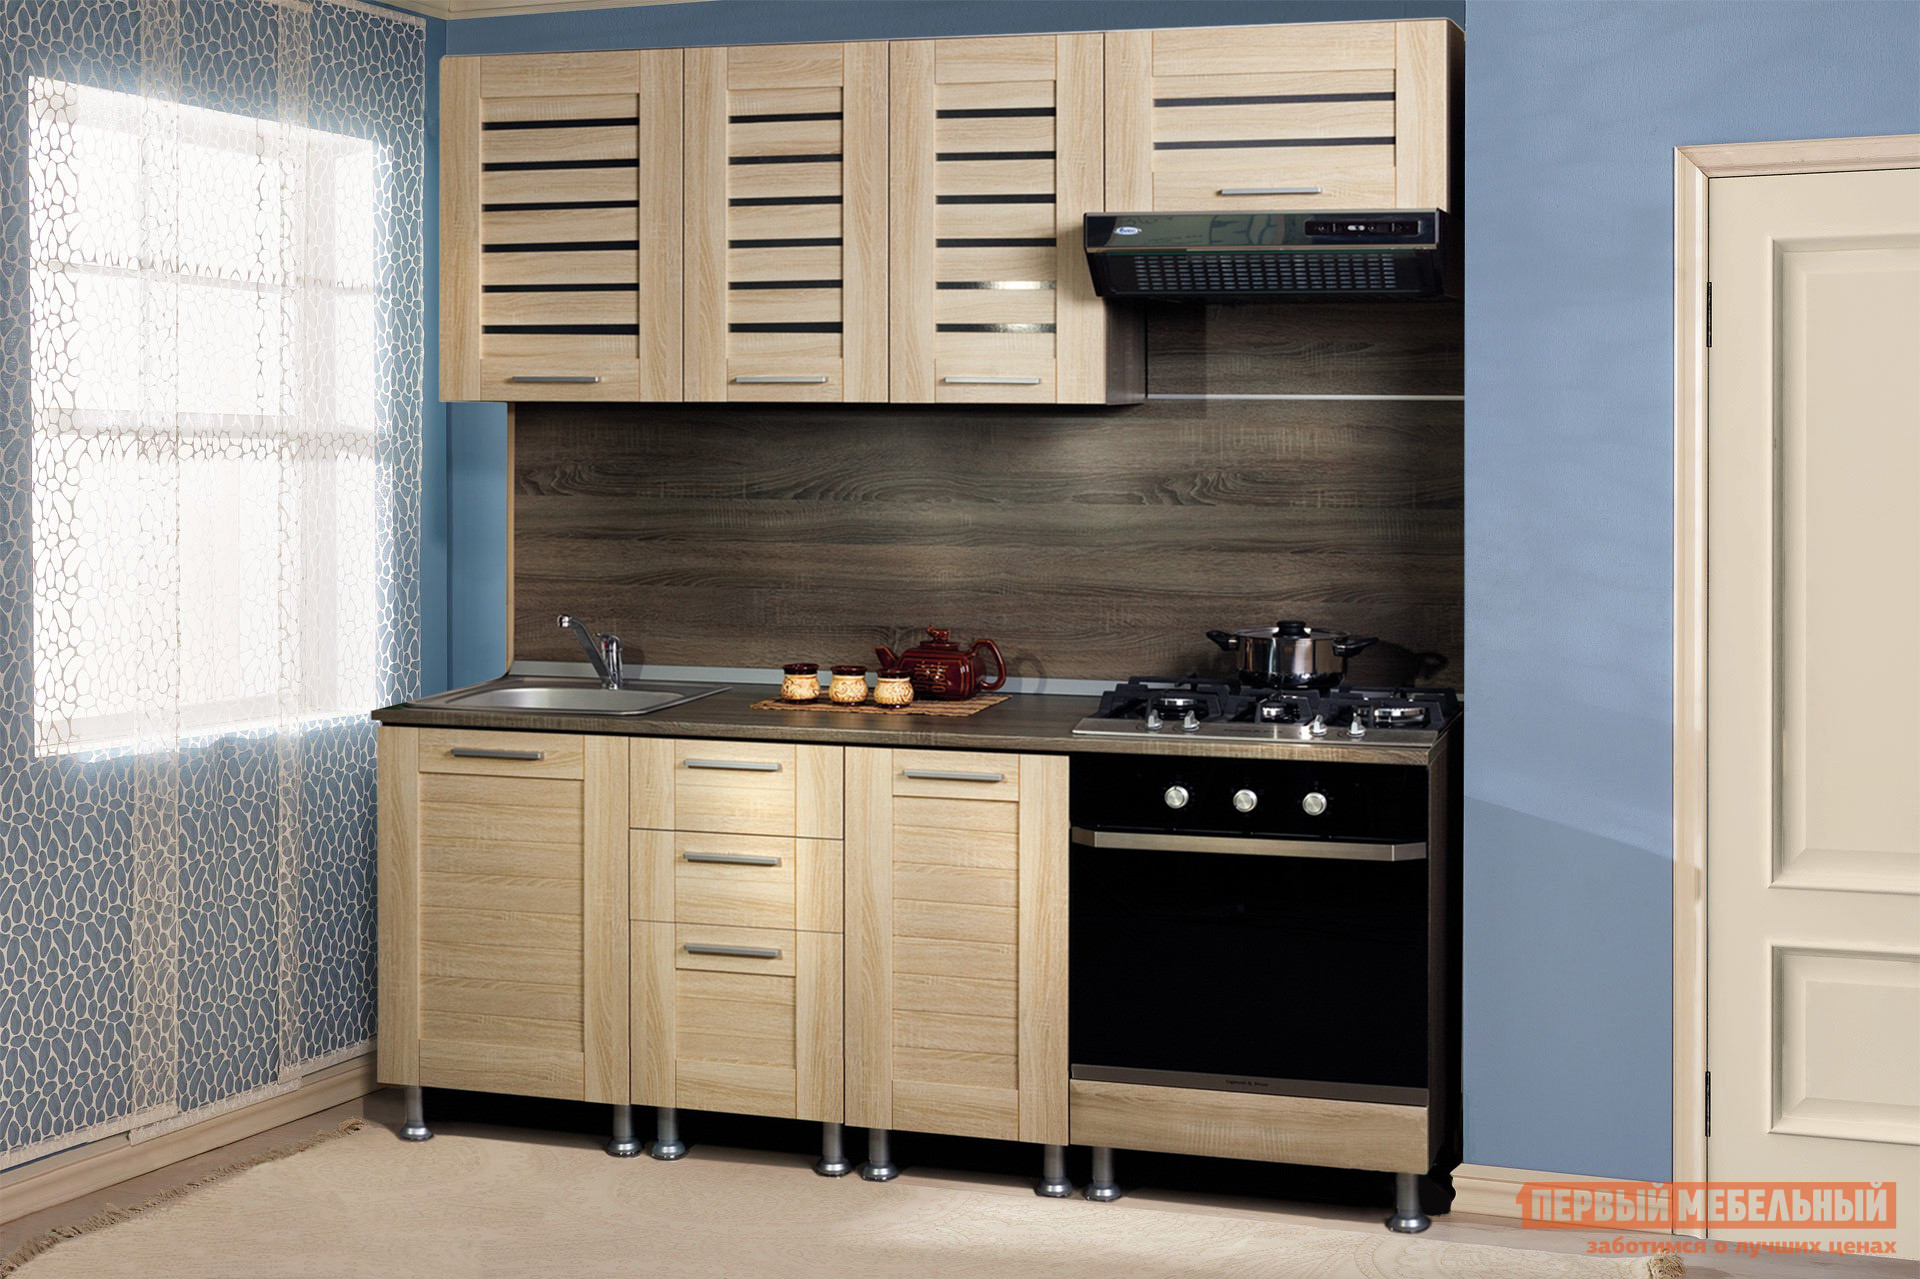 Кухонный гарнитур Любимый дом Анастасия 190 см Сонома кухонный гарнитур трия оливия 180 см